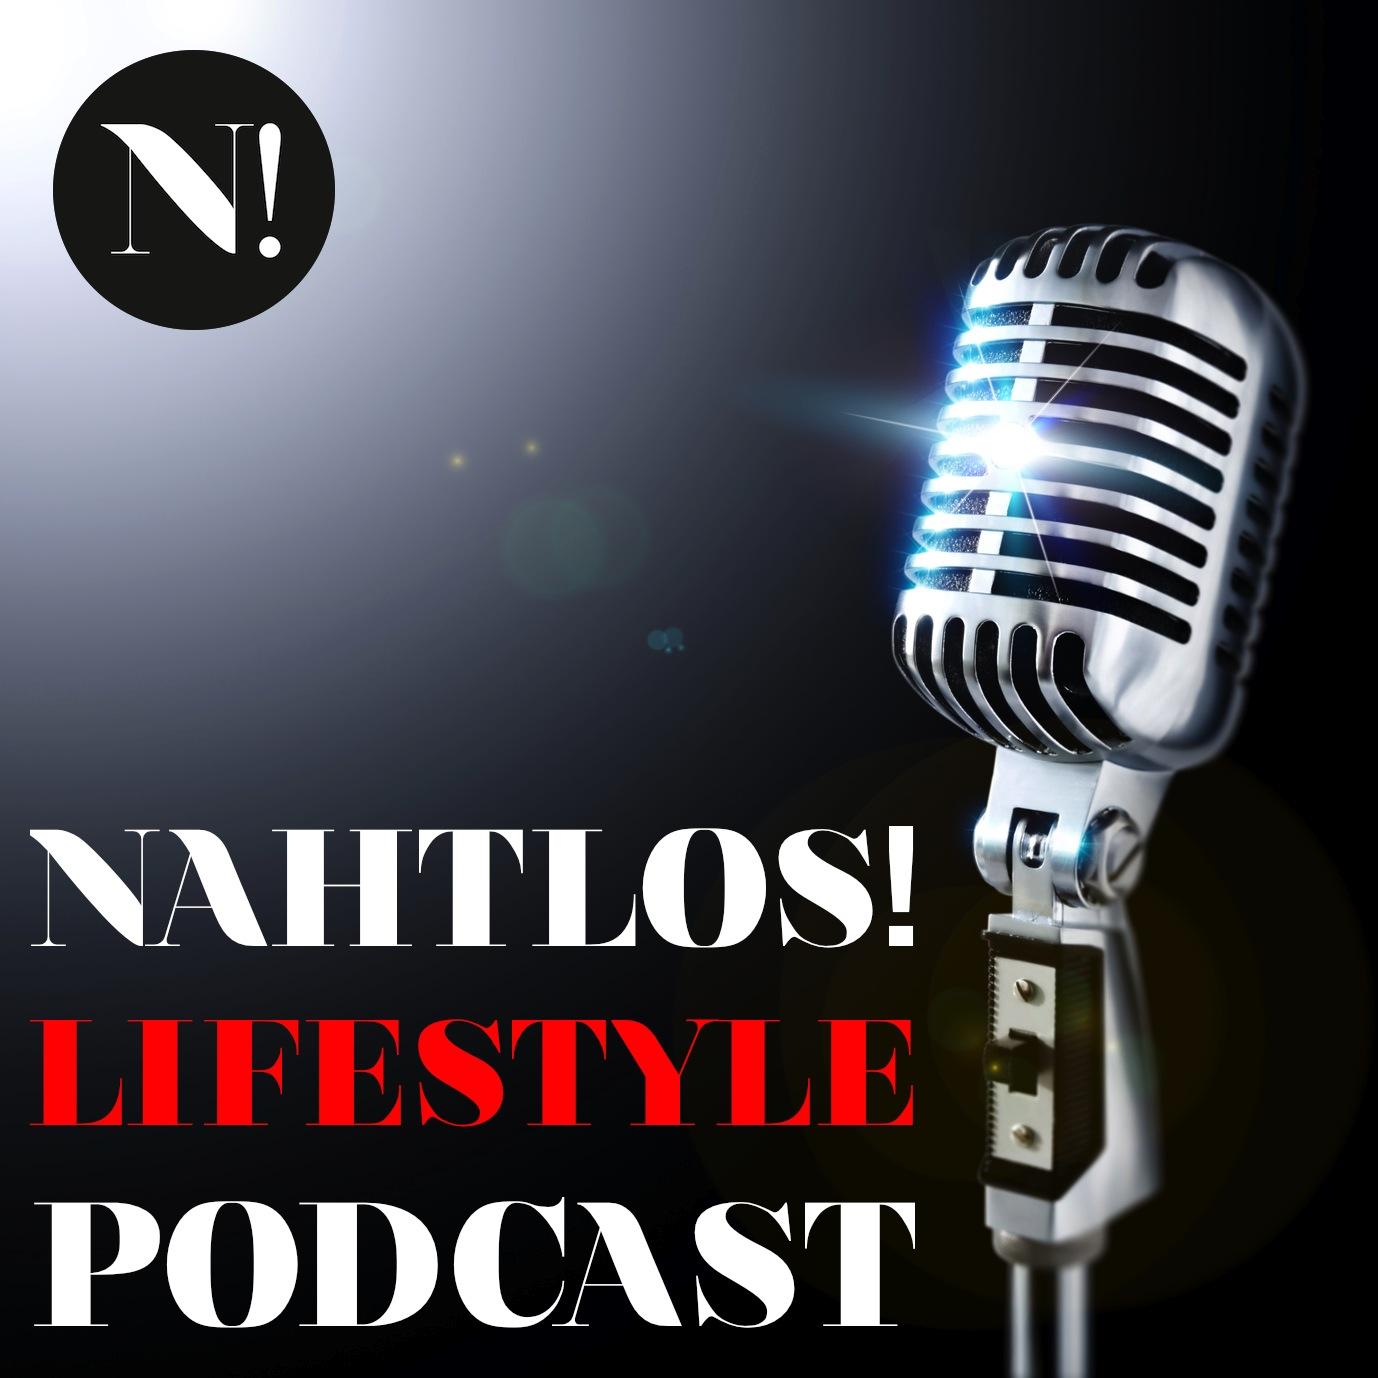 Nahtlos! Lifestyle Podcast, Folge 1/2011: Premiere mit Sprit, Spitz, Brioni und Bushido